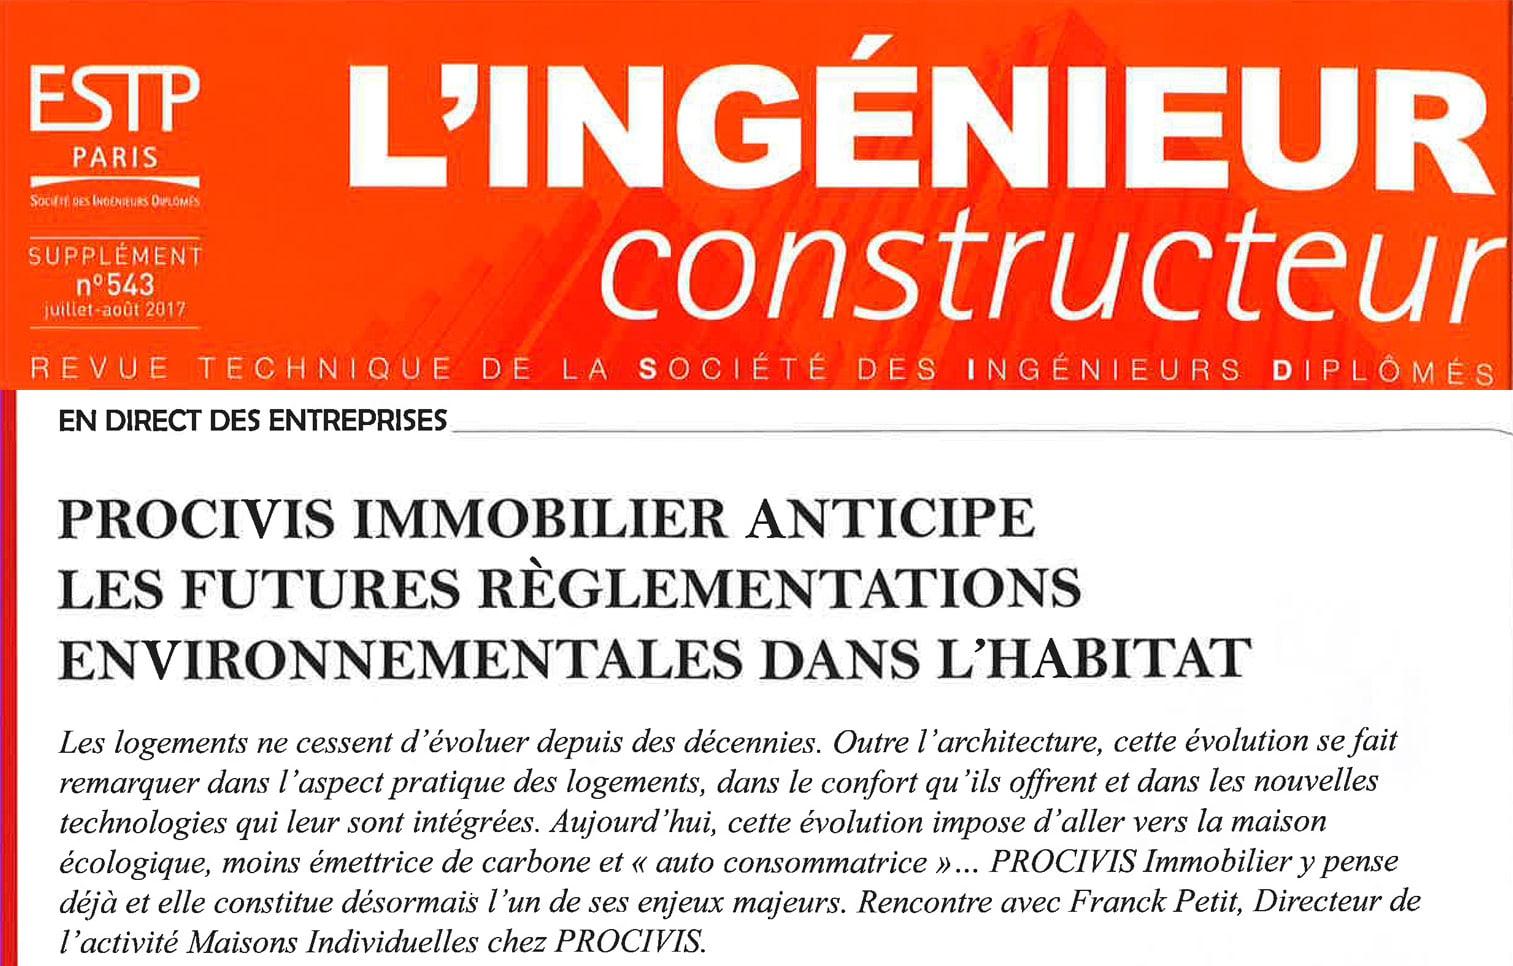 ARTICLE INGÉNIEUR CONSTRUCTEUR-FRANCK PETIT-OCT 2017-IMG A LA UNE